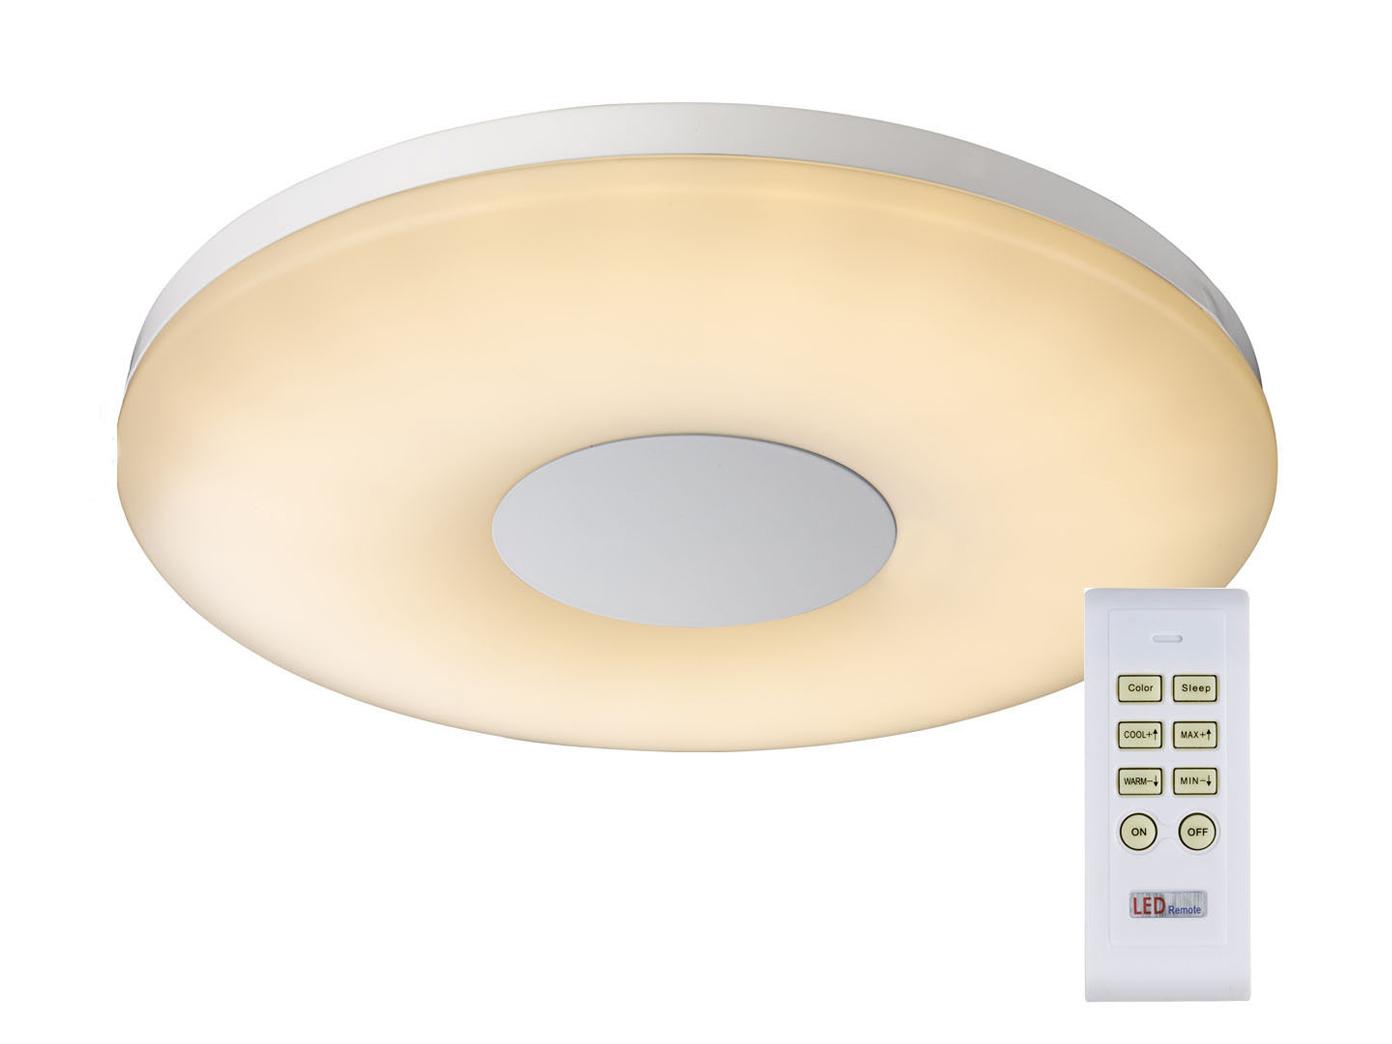 LED Deckenleuchte FELION dimmbar, Fernbedienung für Farbtemperatur, Deckenlampe